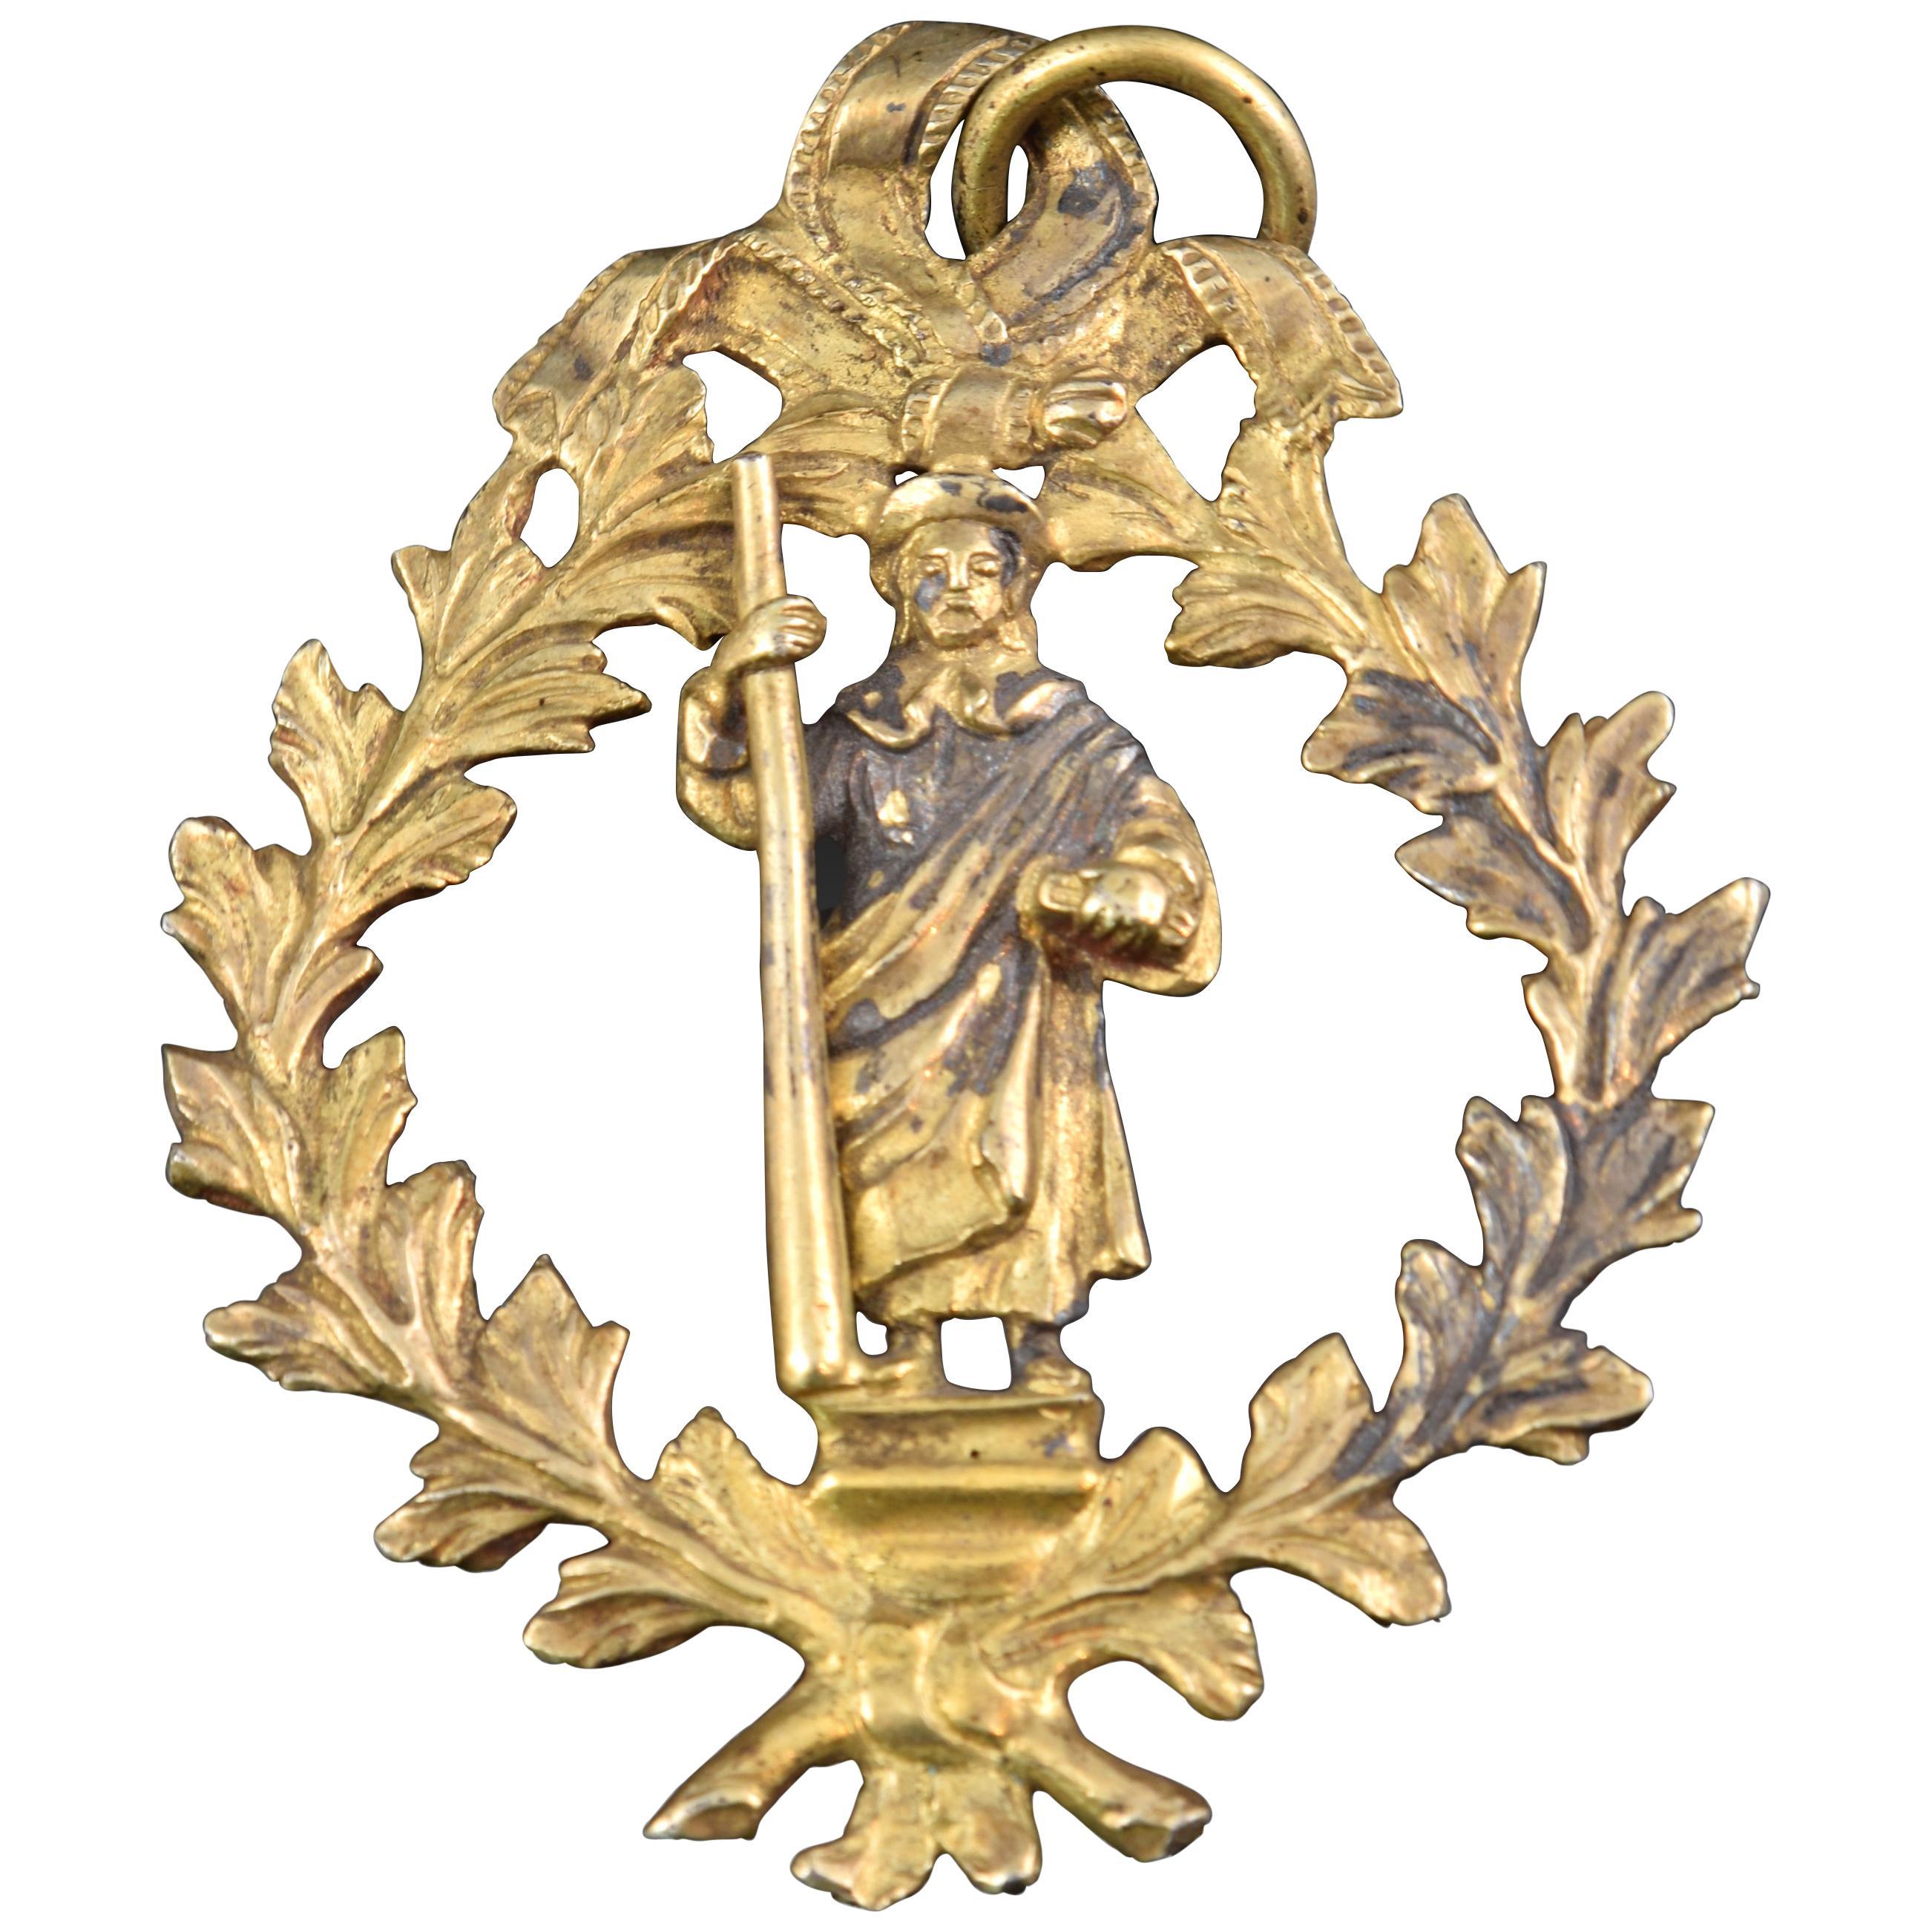 Devotional Pendant, Saint James the Great, Bronze, Spain, 17th Century